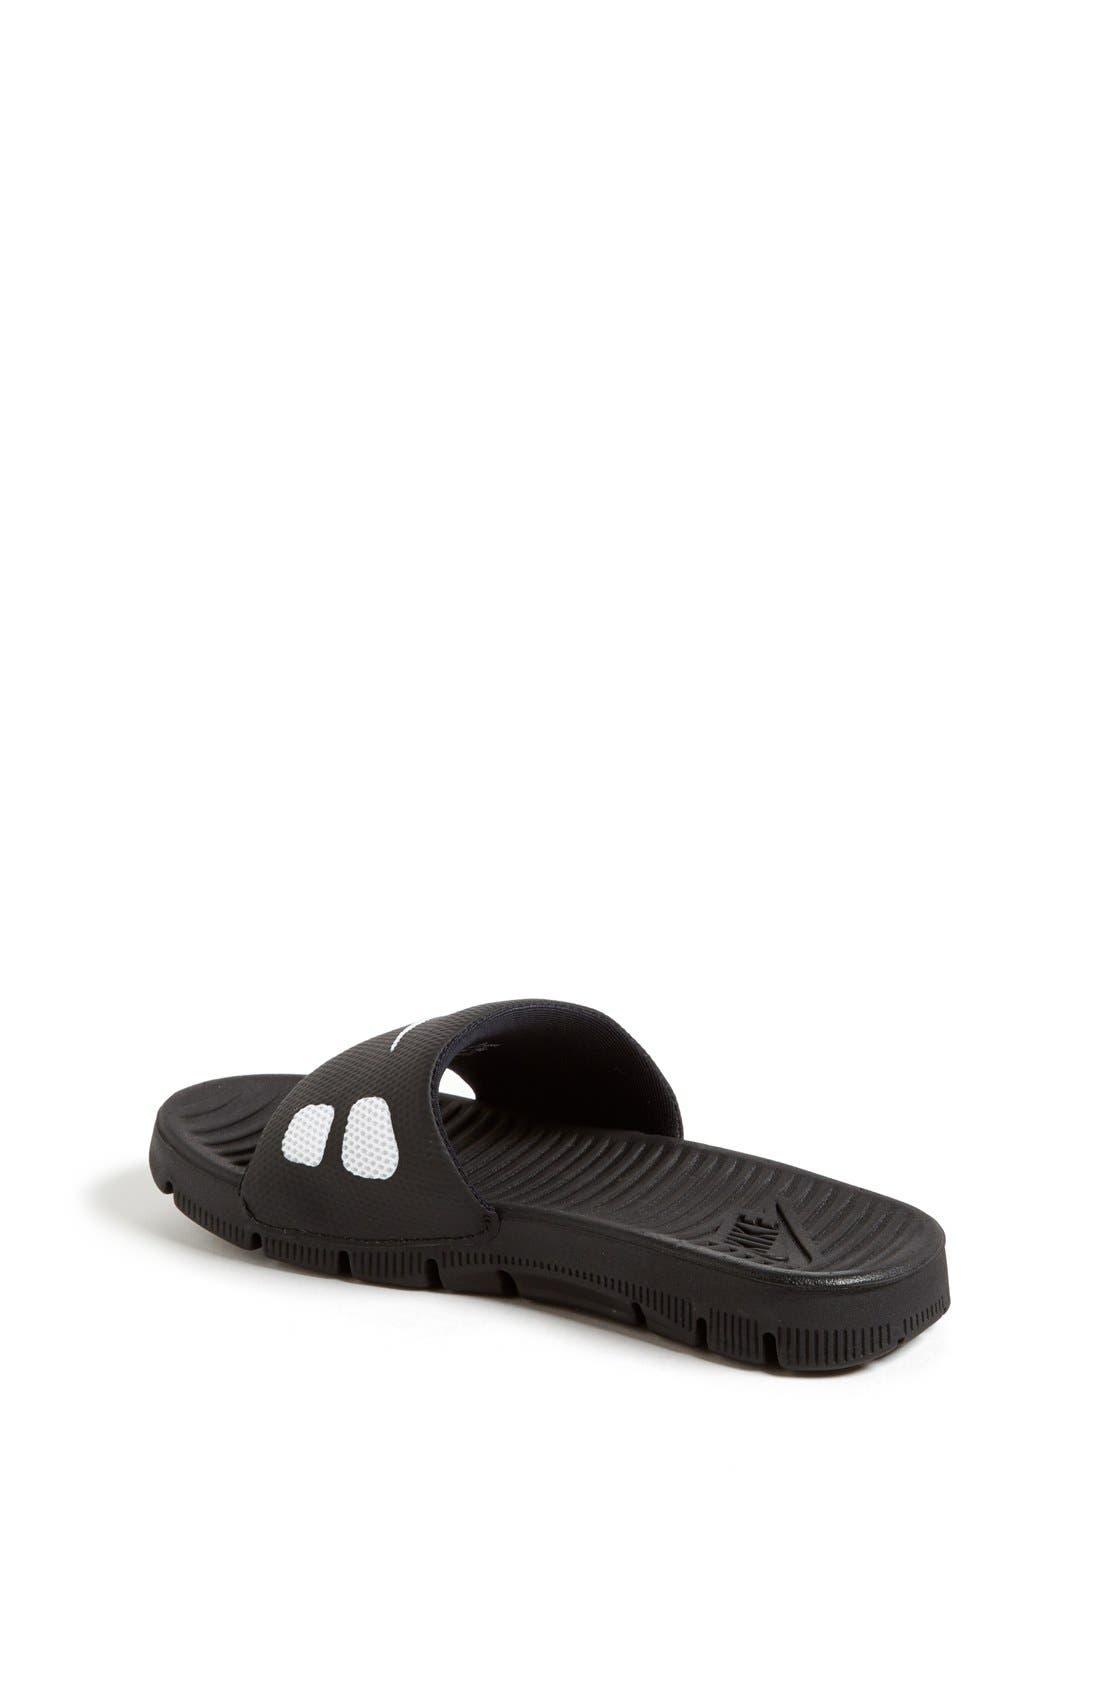 Alternate Image 2  - Nike 'Flex Motion' Sandal (Little Kid & Big Kid)